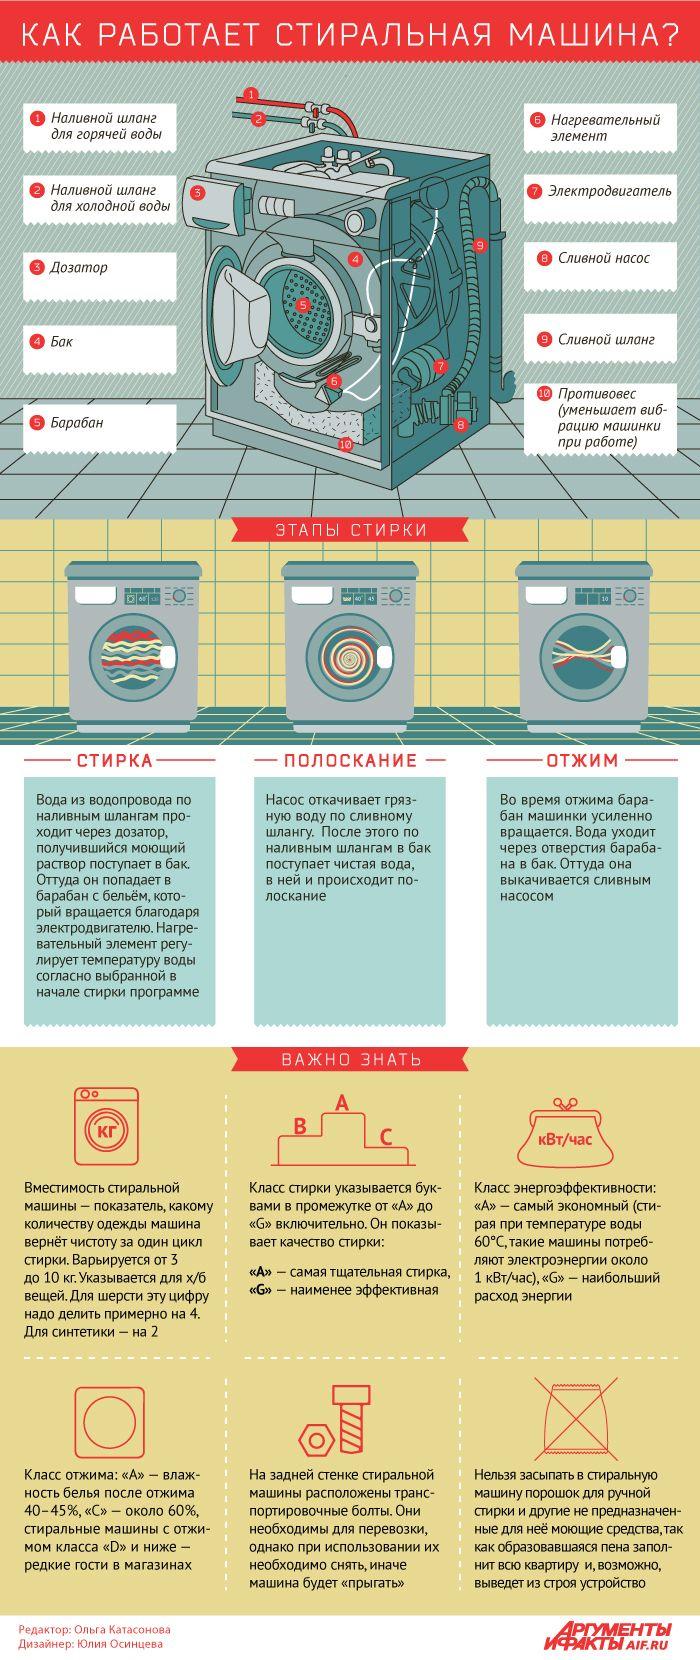 Как работает стиральная машина? Инфографика | Инфографика | Вопрос-Ответ | Аргументы и Факты